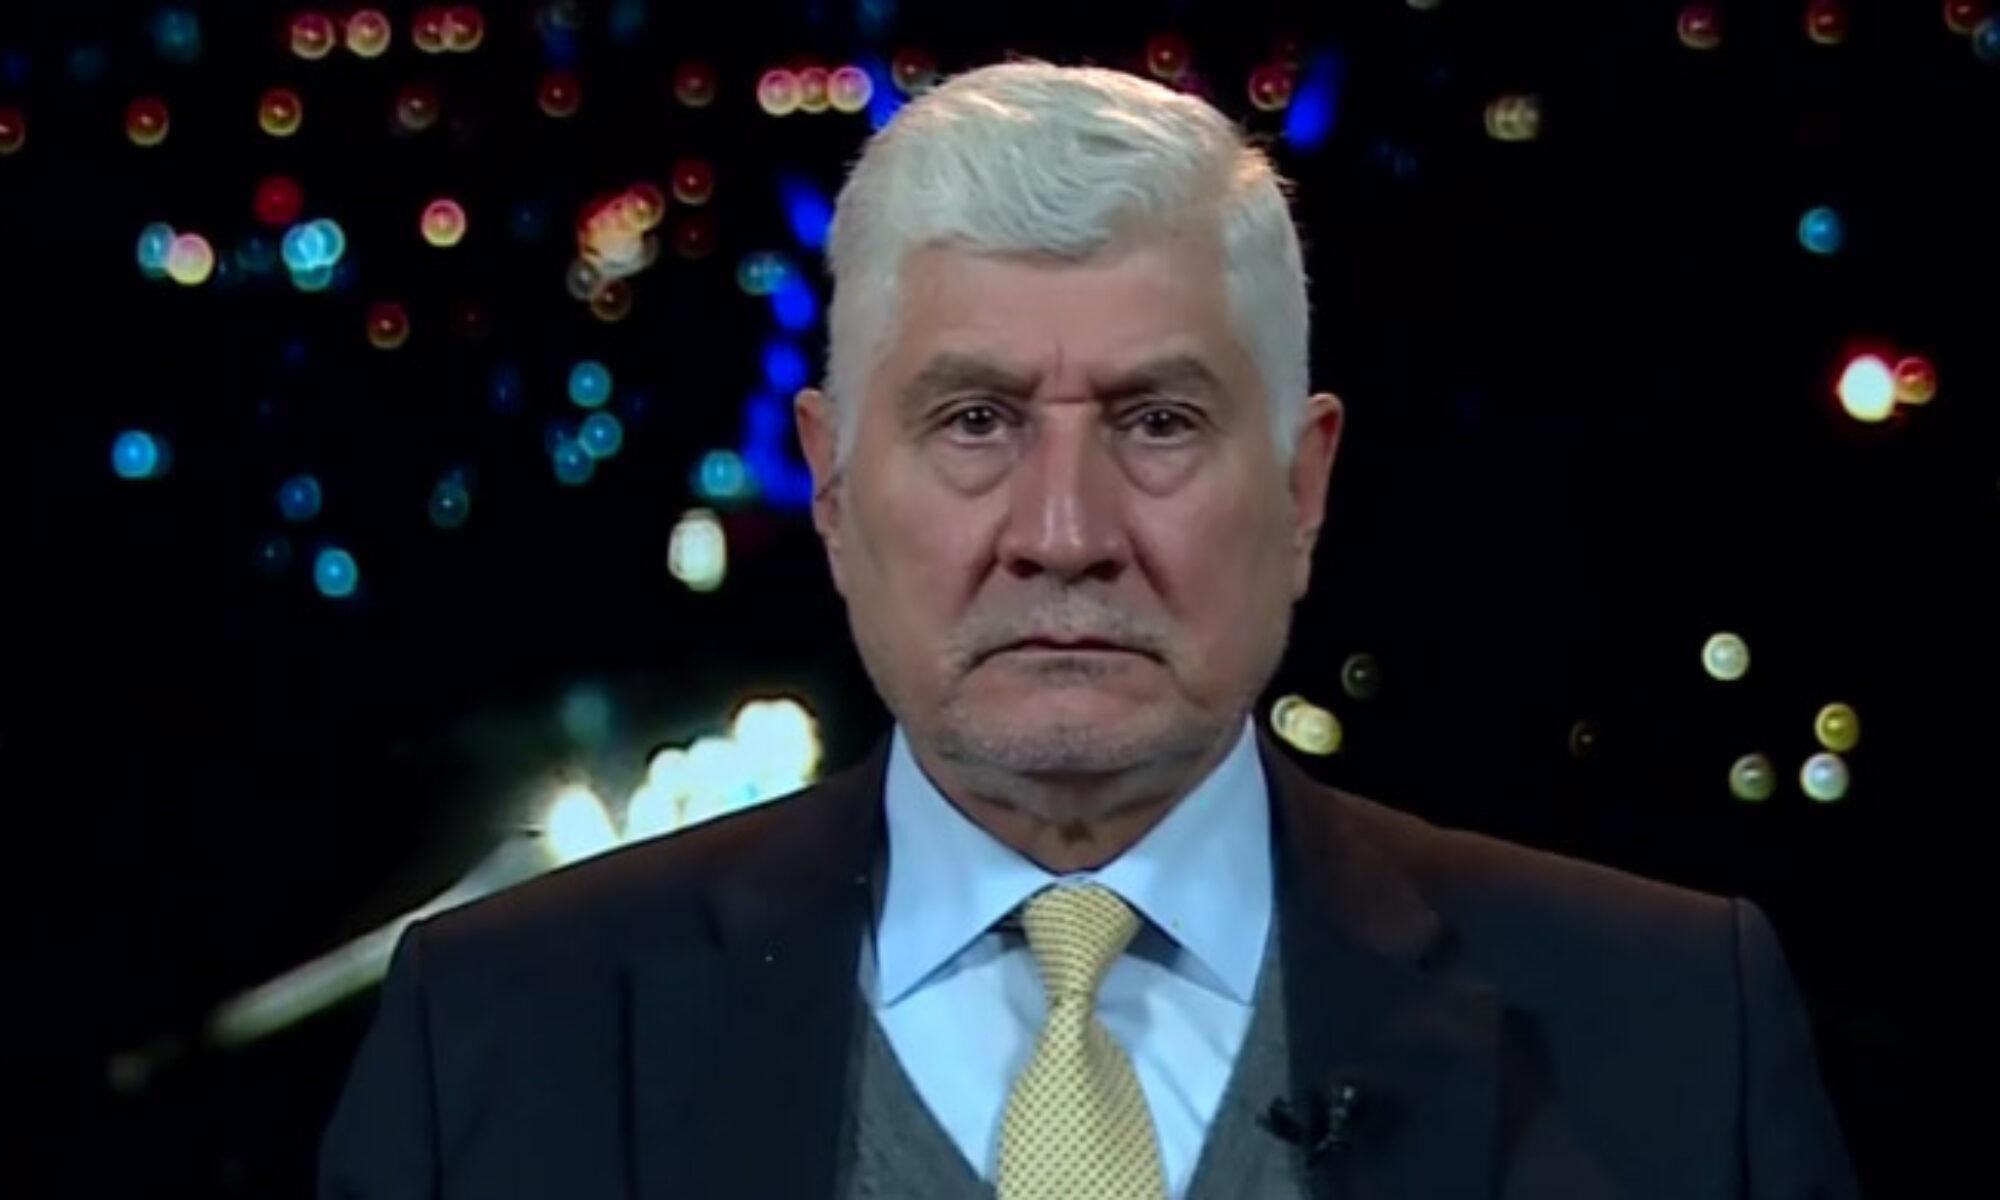 Kürt siyasetçi Dîndar Doskî: PKK, Türkiye'nin bölgesel olarak genişlemesinde iyi bir rol oynuyor, Gare Dağına opearsoyna Pençe Kaplan 2, HPG, Amideye, Gerilla, KCK, duhok Türk ordusu